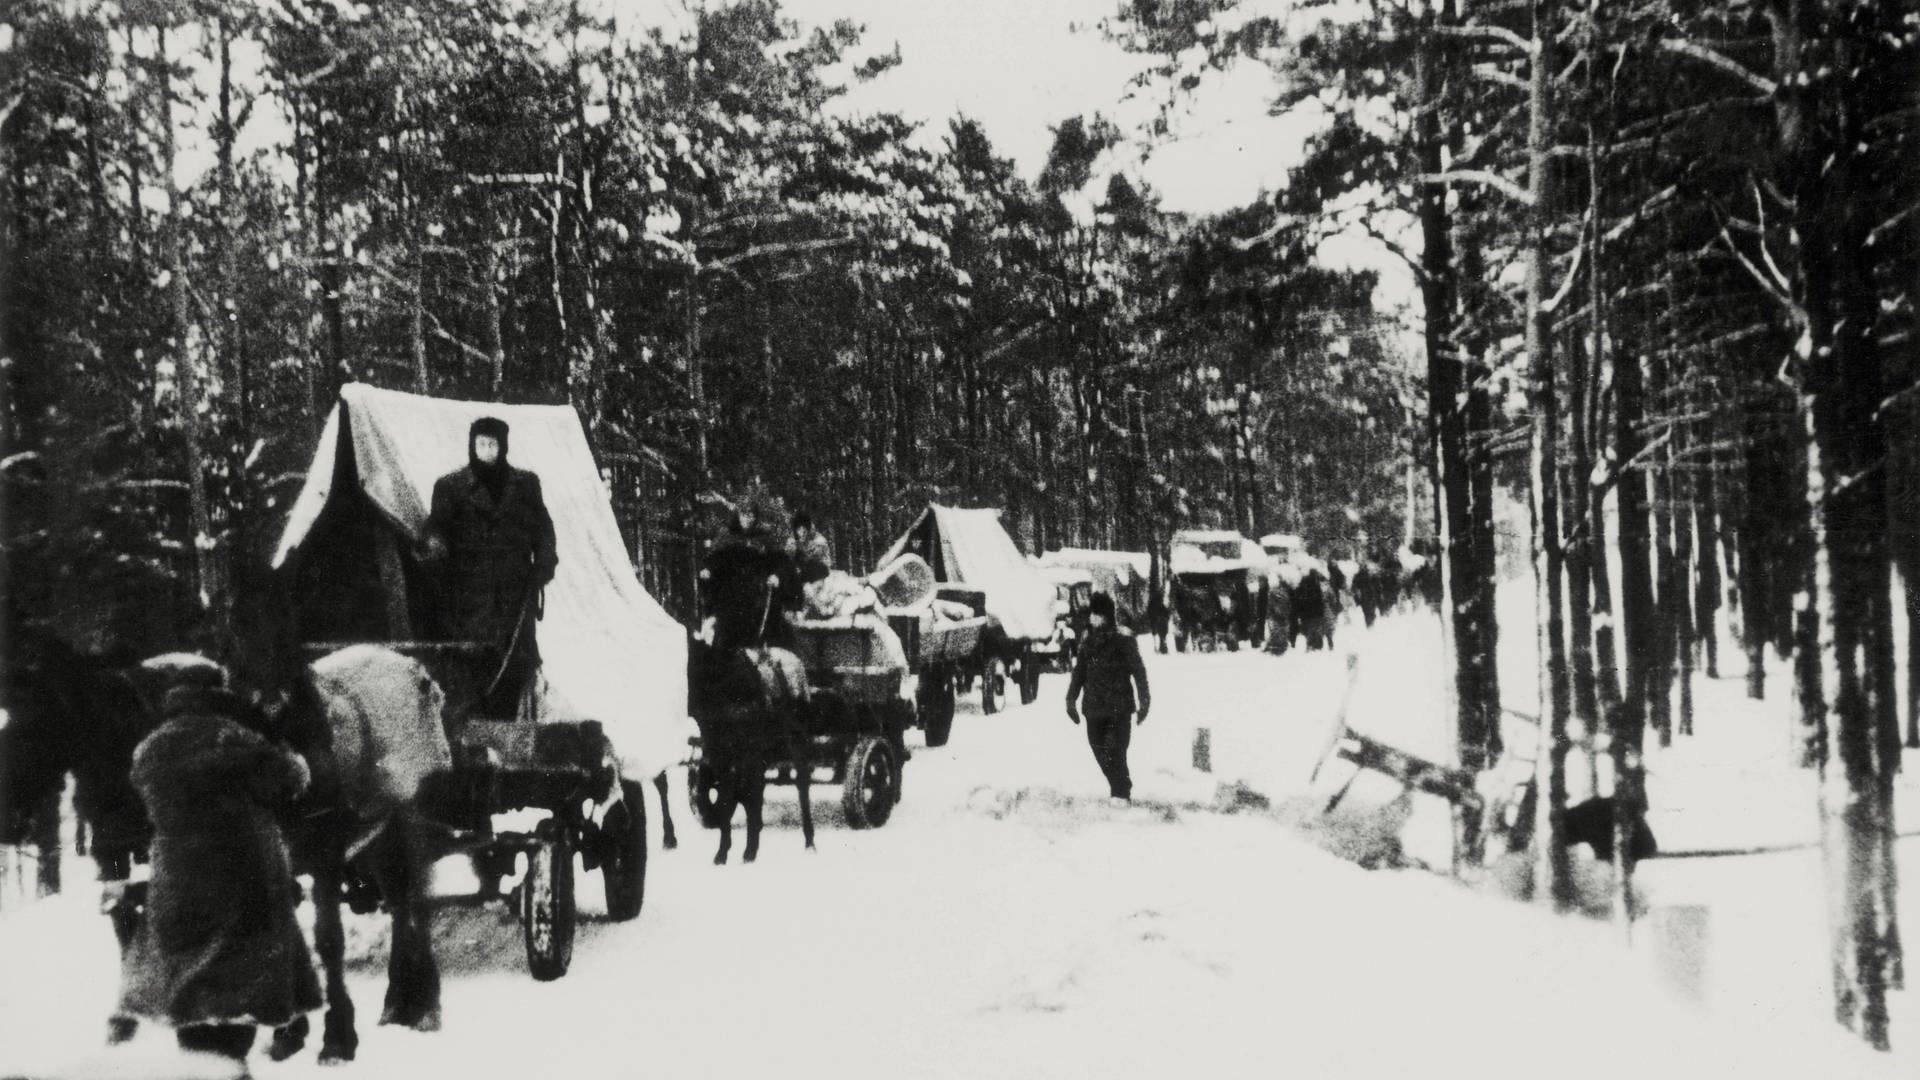 Flucht Und Vertreibung 2. Weltkrieg